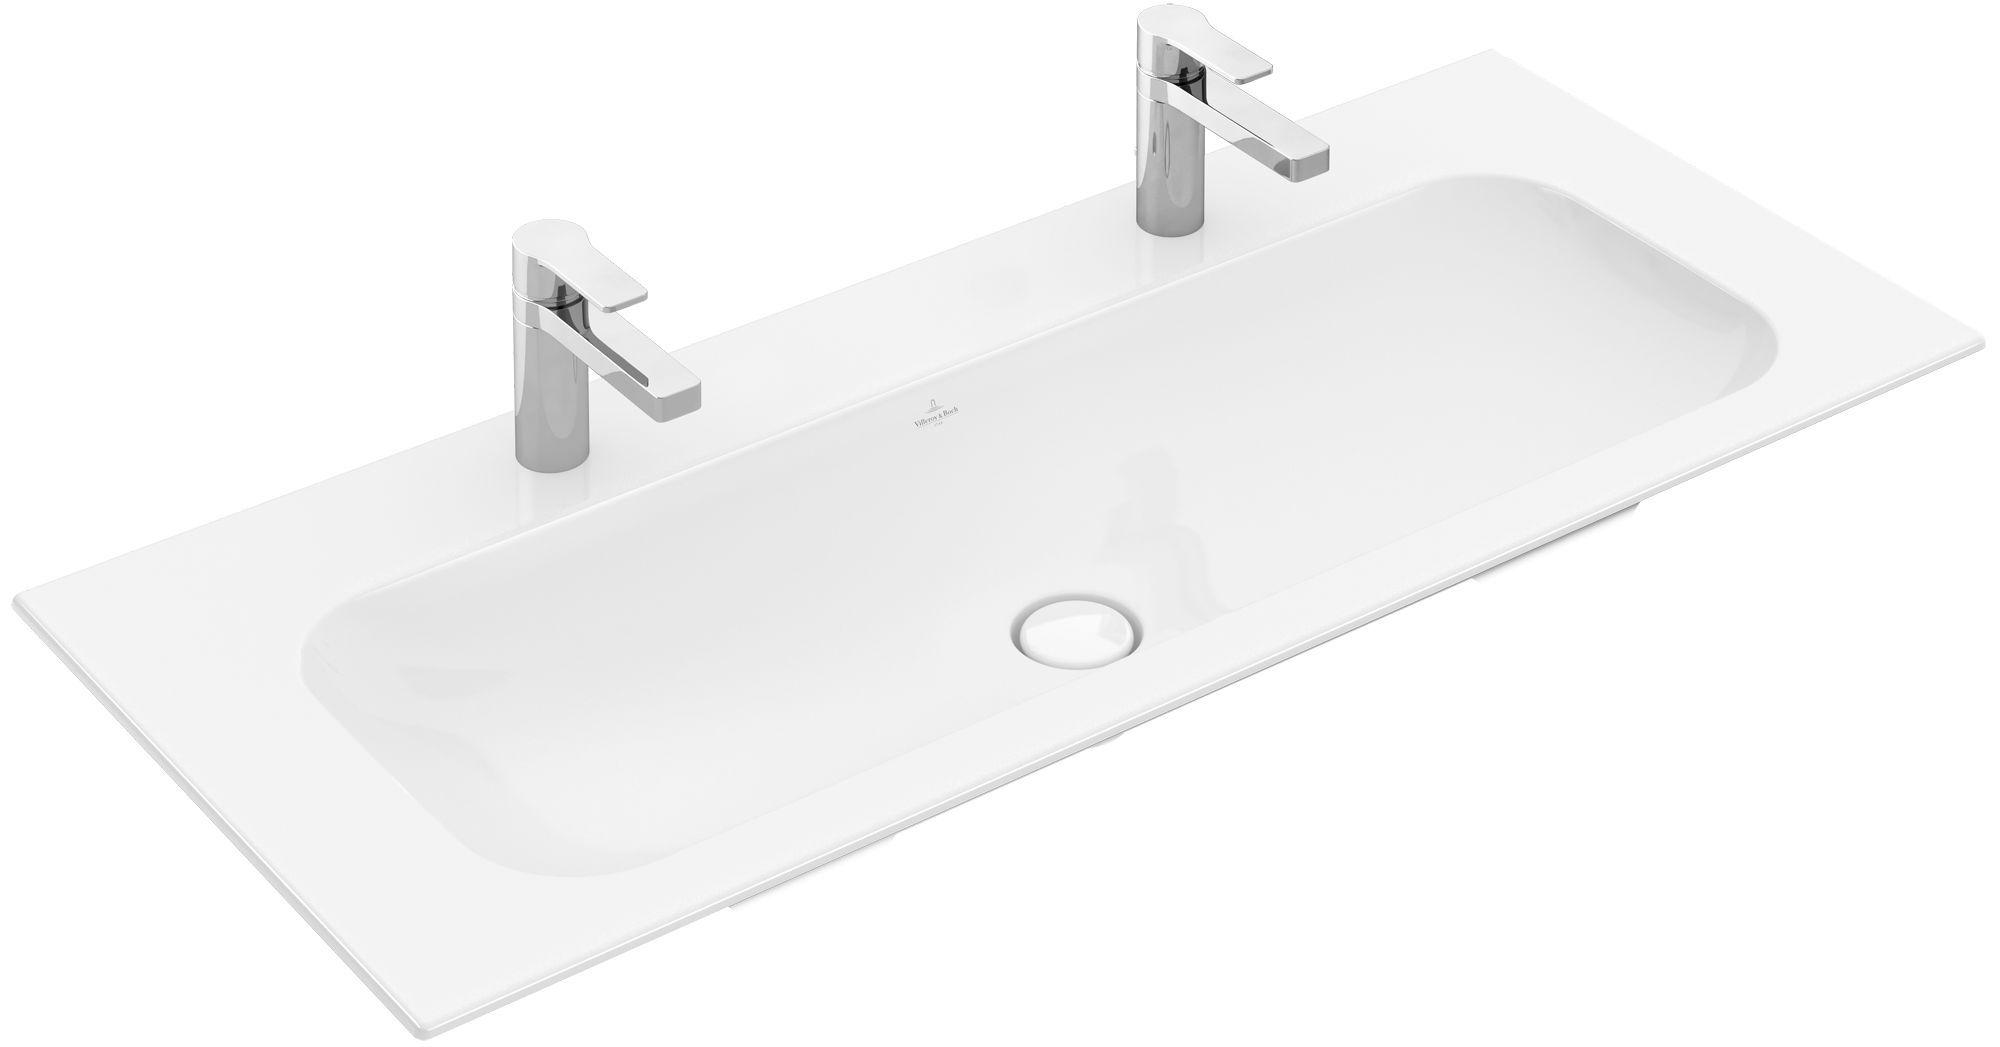 Villeroy & Boch Finion Schrankwaschtisch ohne Überlauf 2x1 Hahnloch B:120xT:50cm ohne Überlauf 2x1 Hahnloch weiß Ceramicplus 4164C1R1